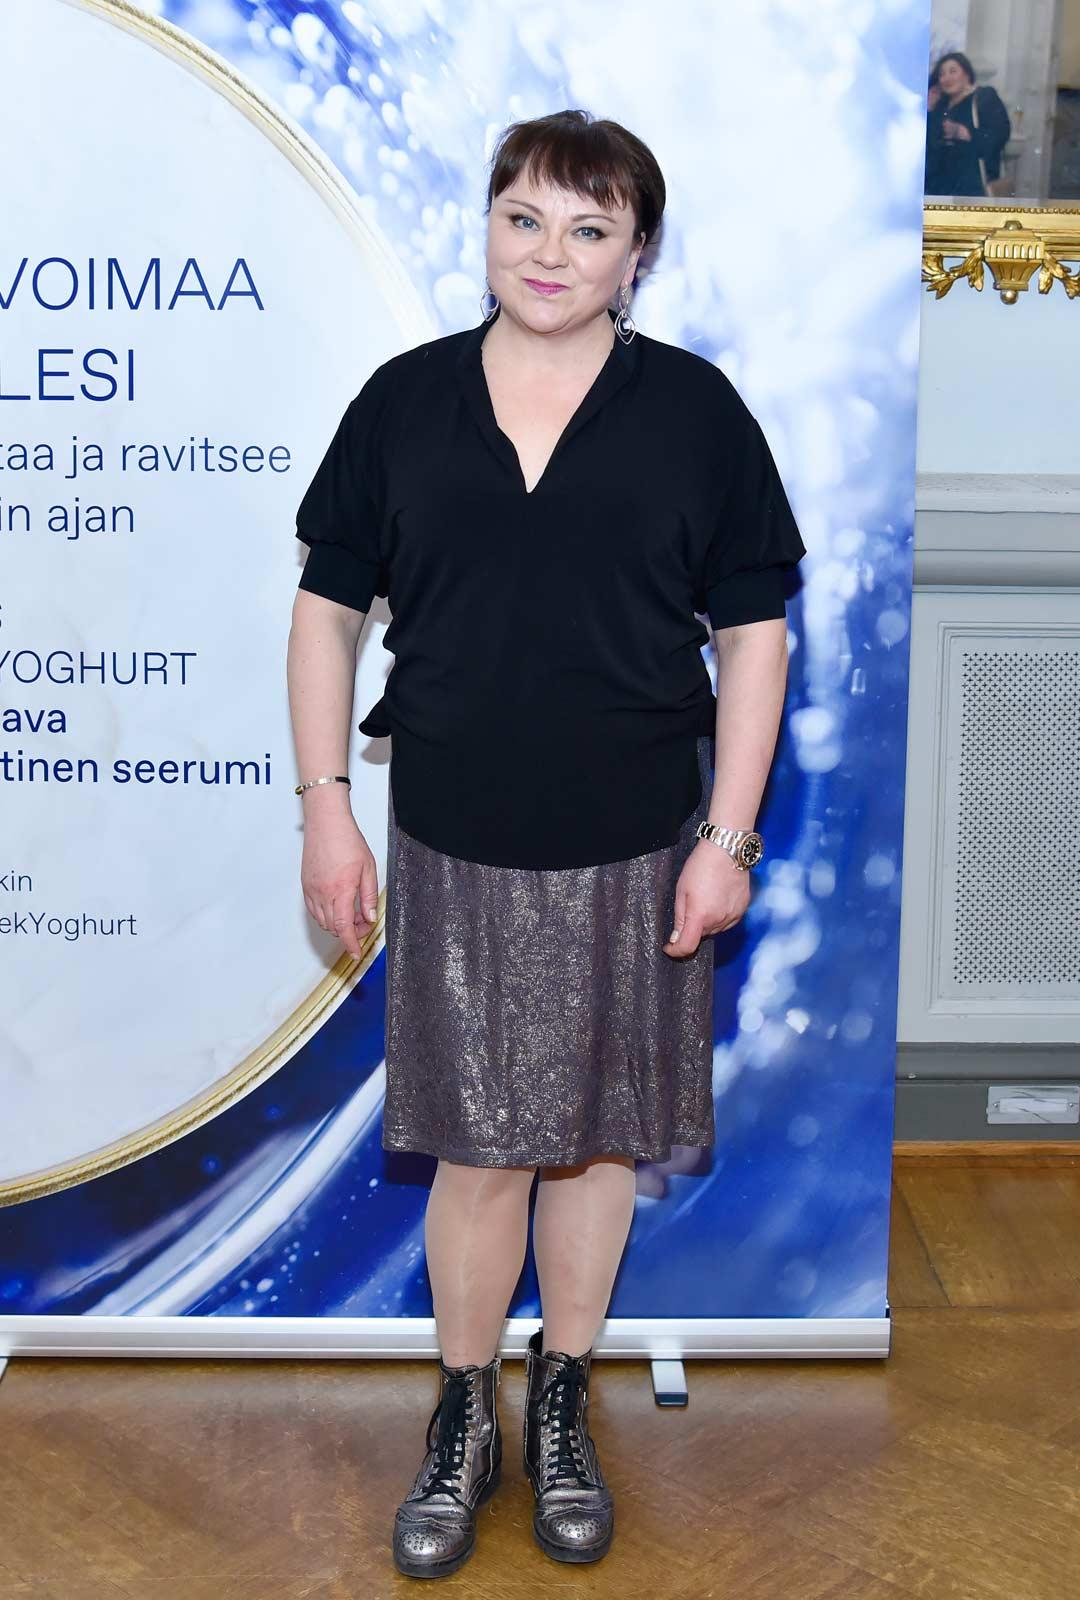 Koronauutiset olivat saaneet myös näyttelijä Anna-Leena Sipilän varautumaan.